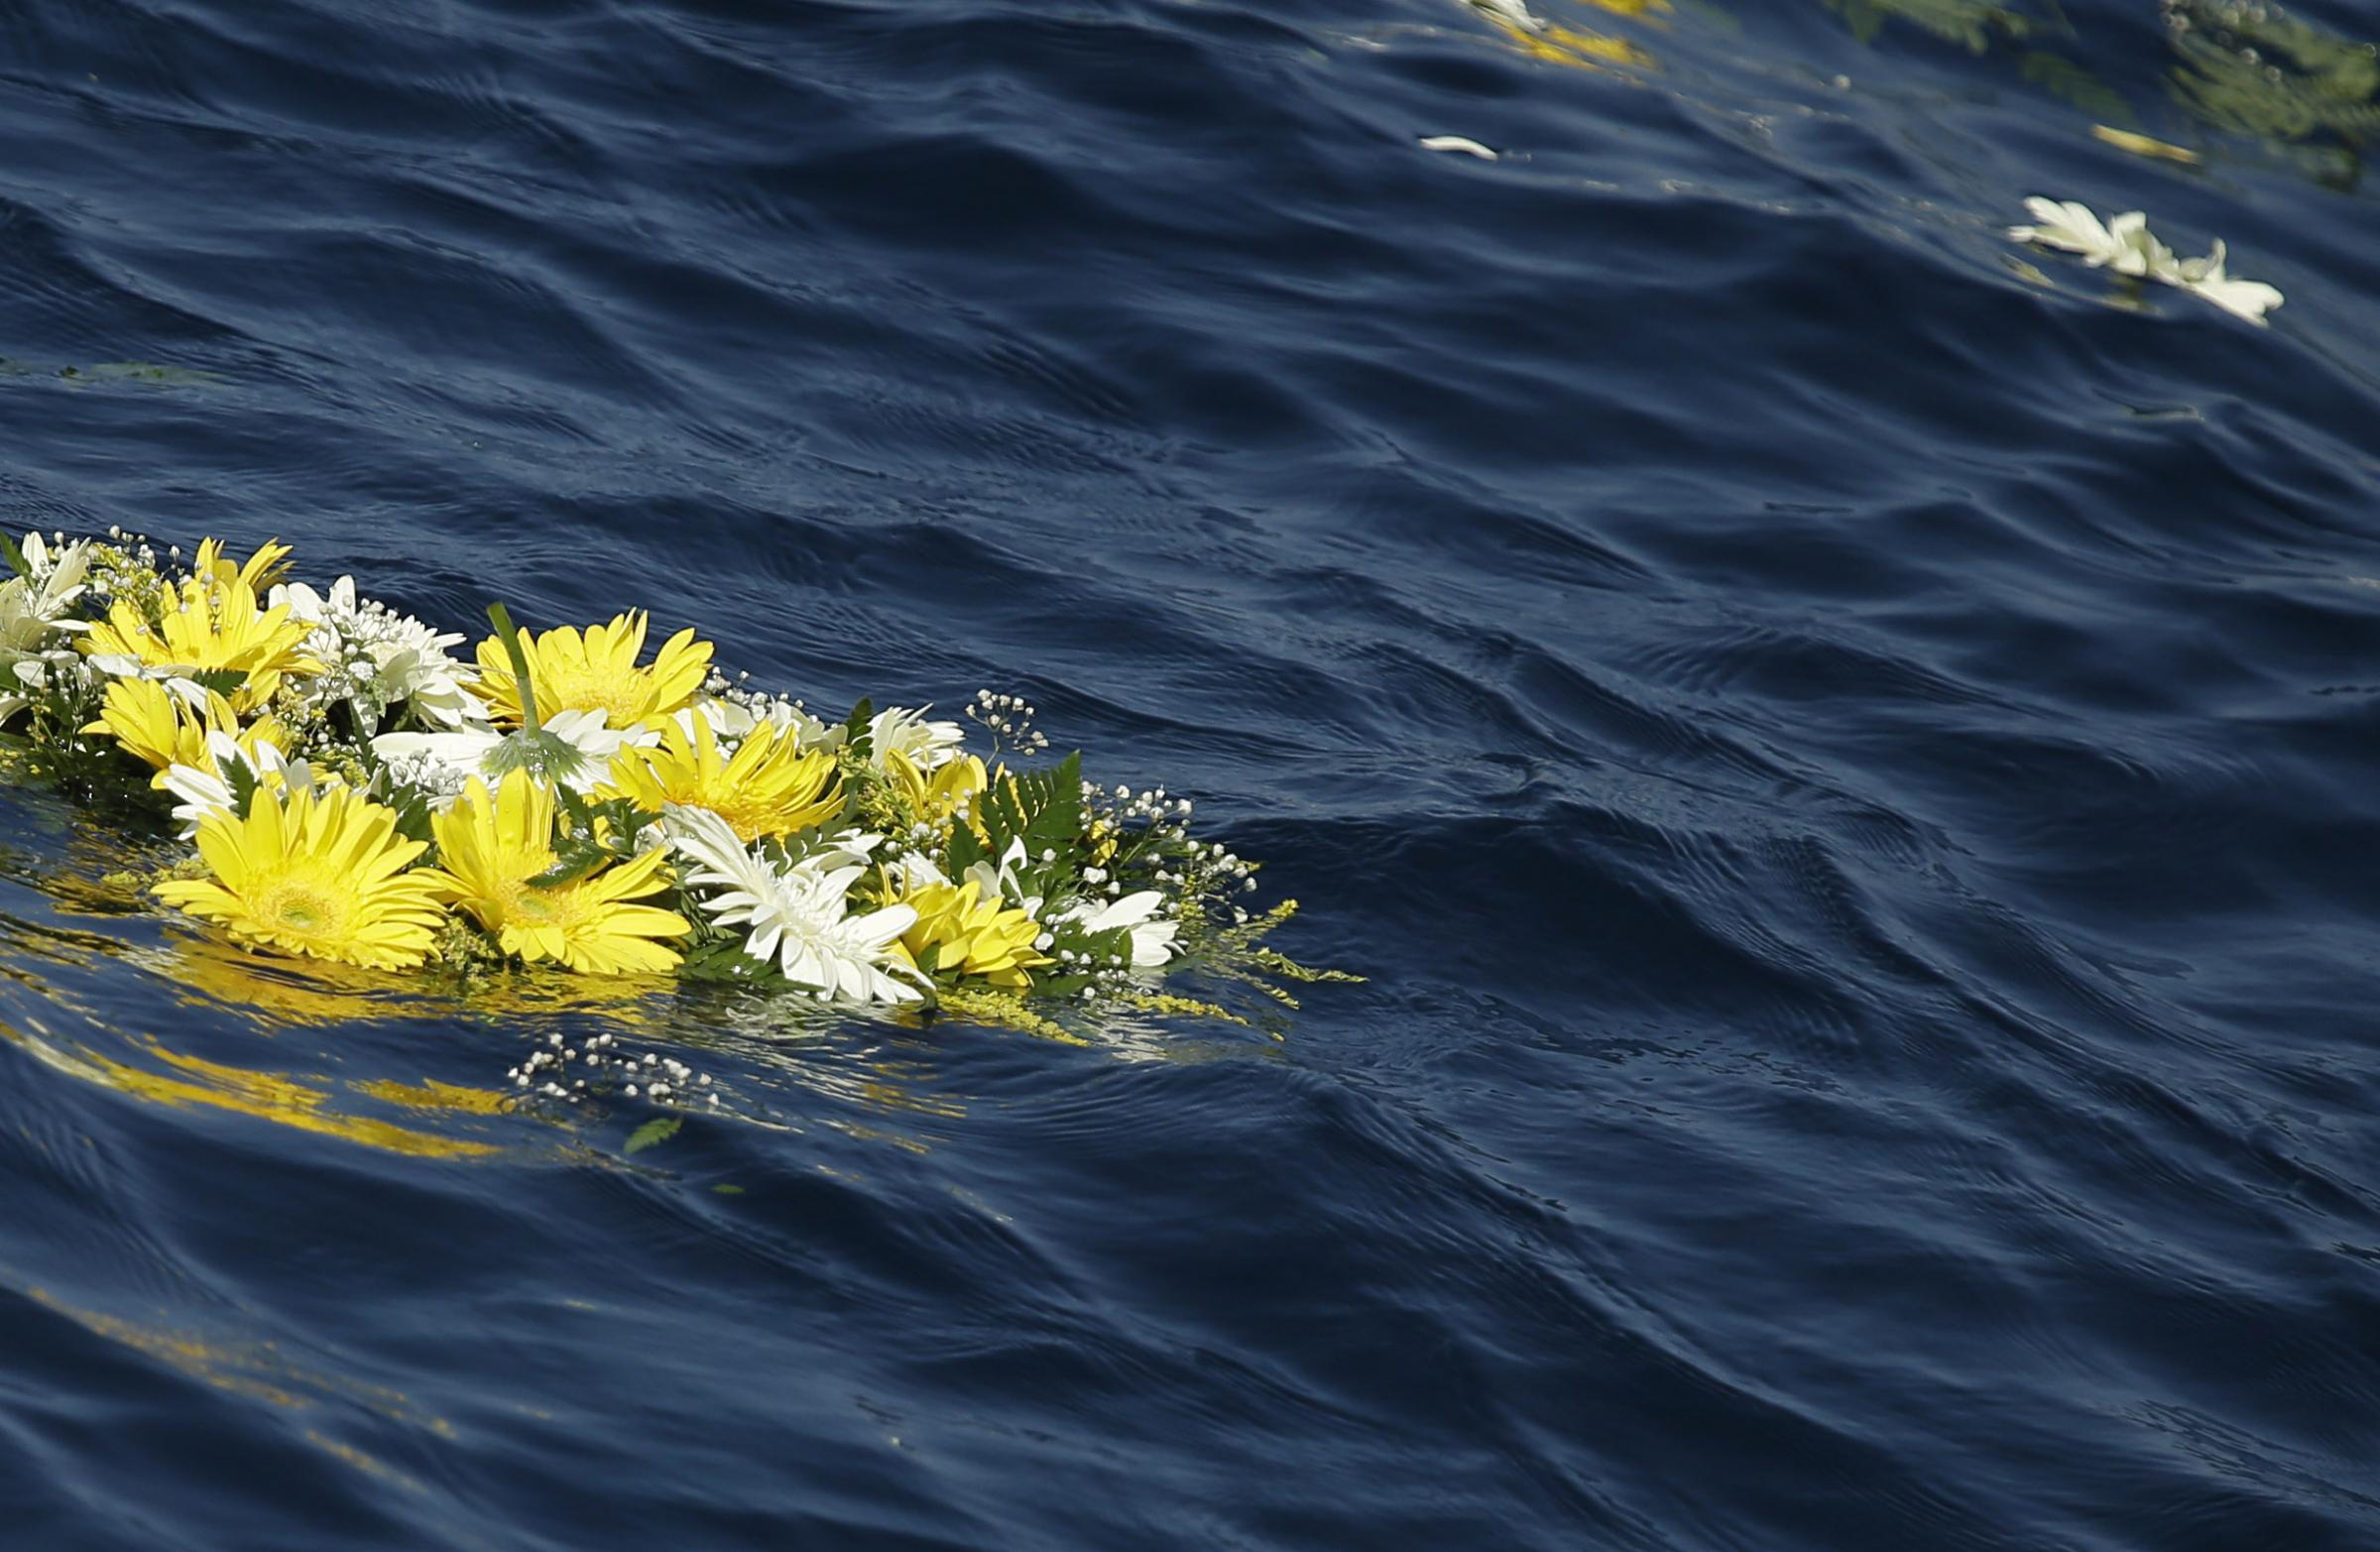 Ennesimo naufragio nel Mediterraneo. Unhcr: robuste capacità di ricerca e soccorso in mare di vitale importanza